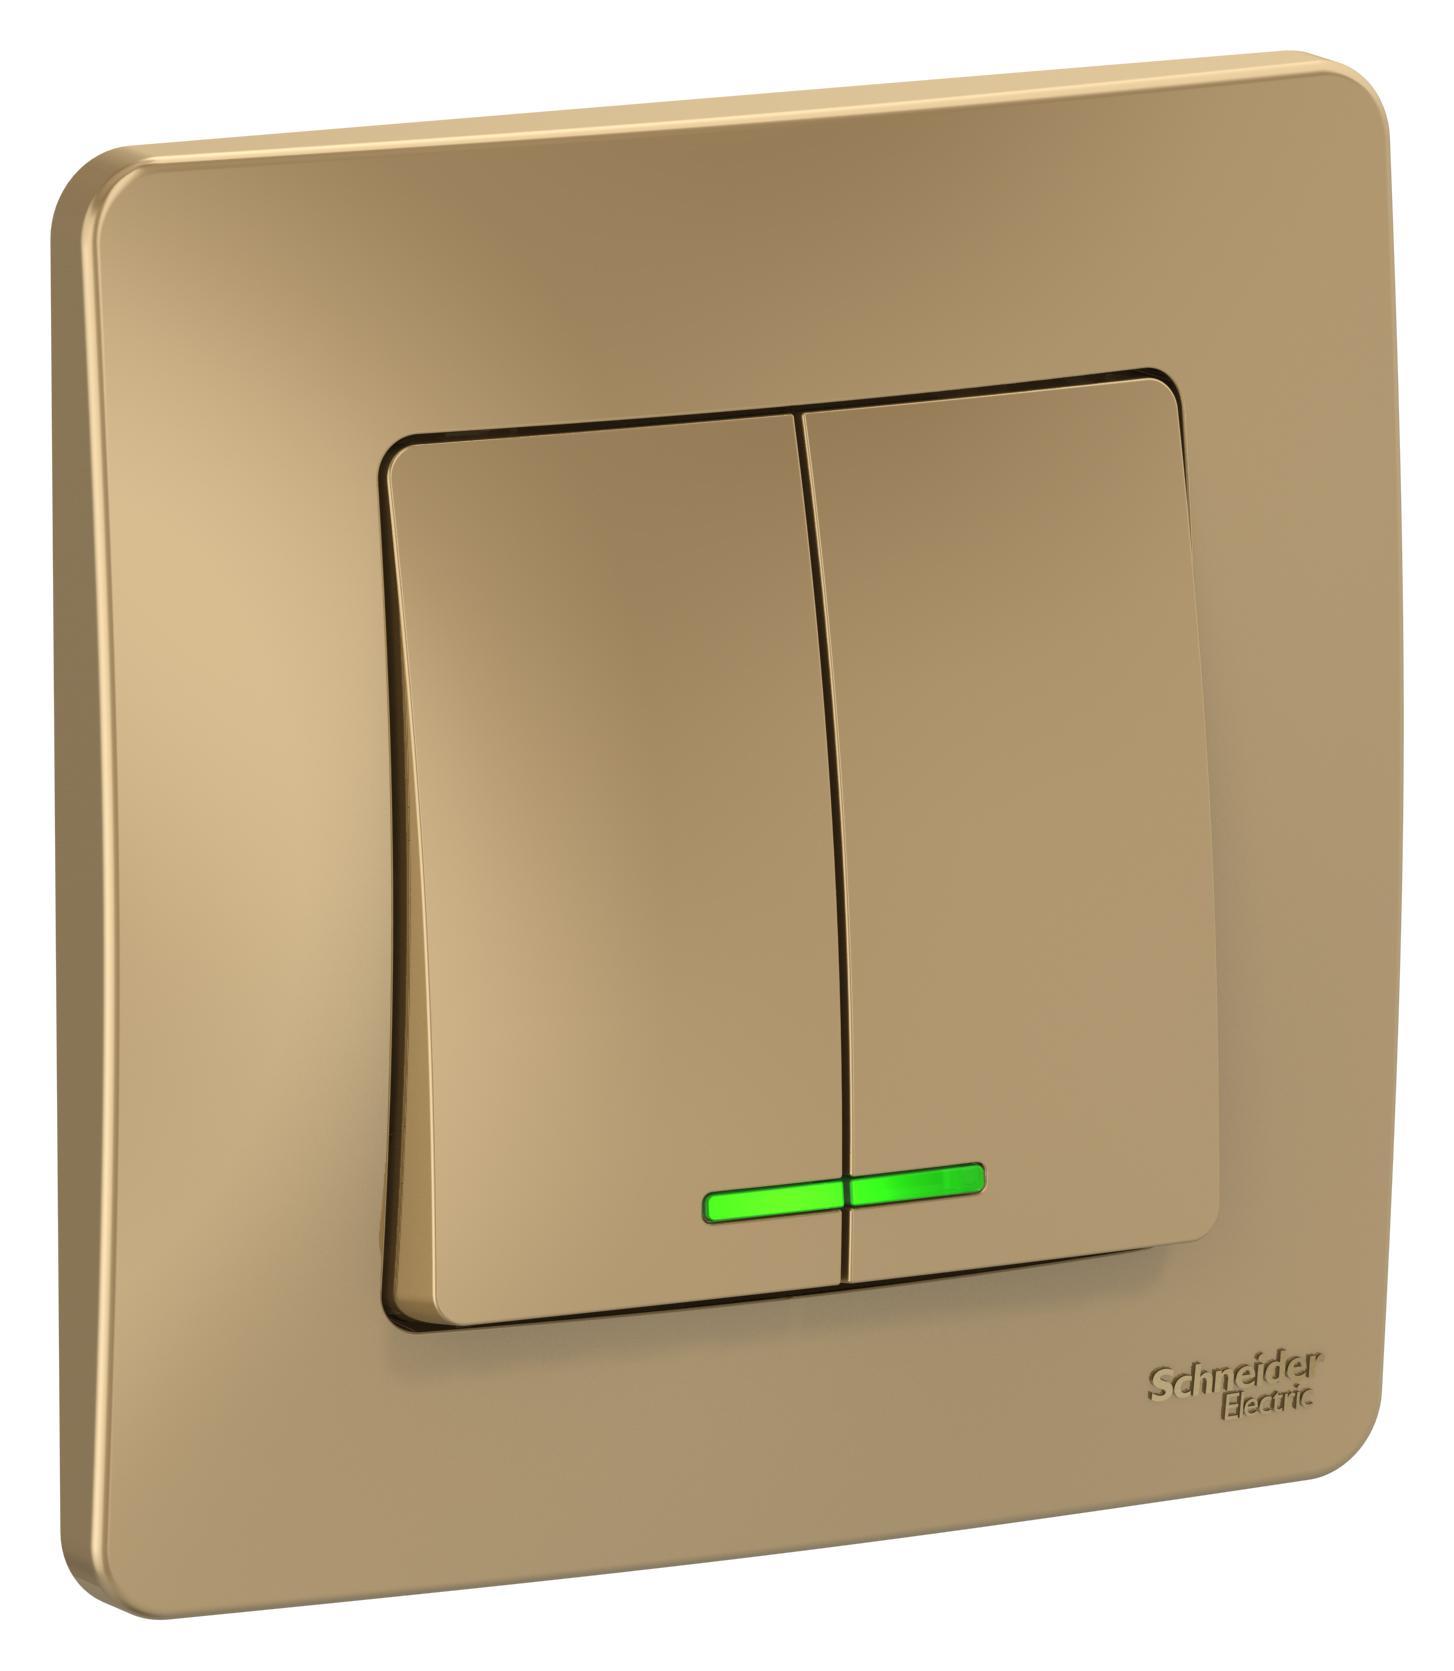 Выключатель Schneider electric Blnvs010514 blanca выключатель schneider electric blnva101013 blanca